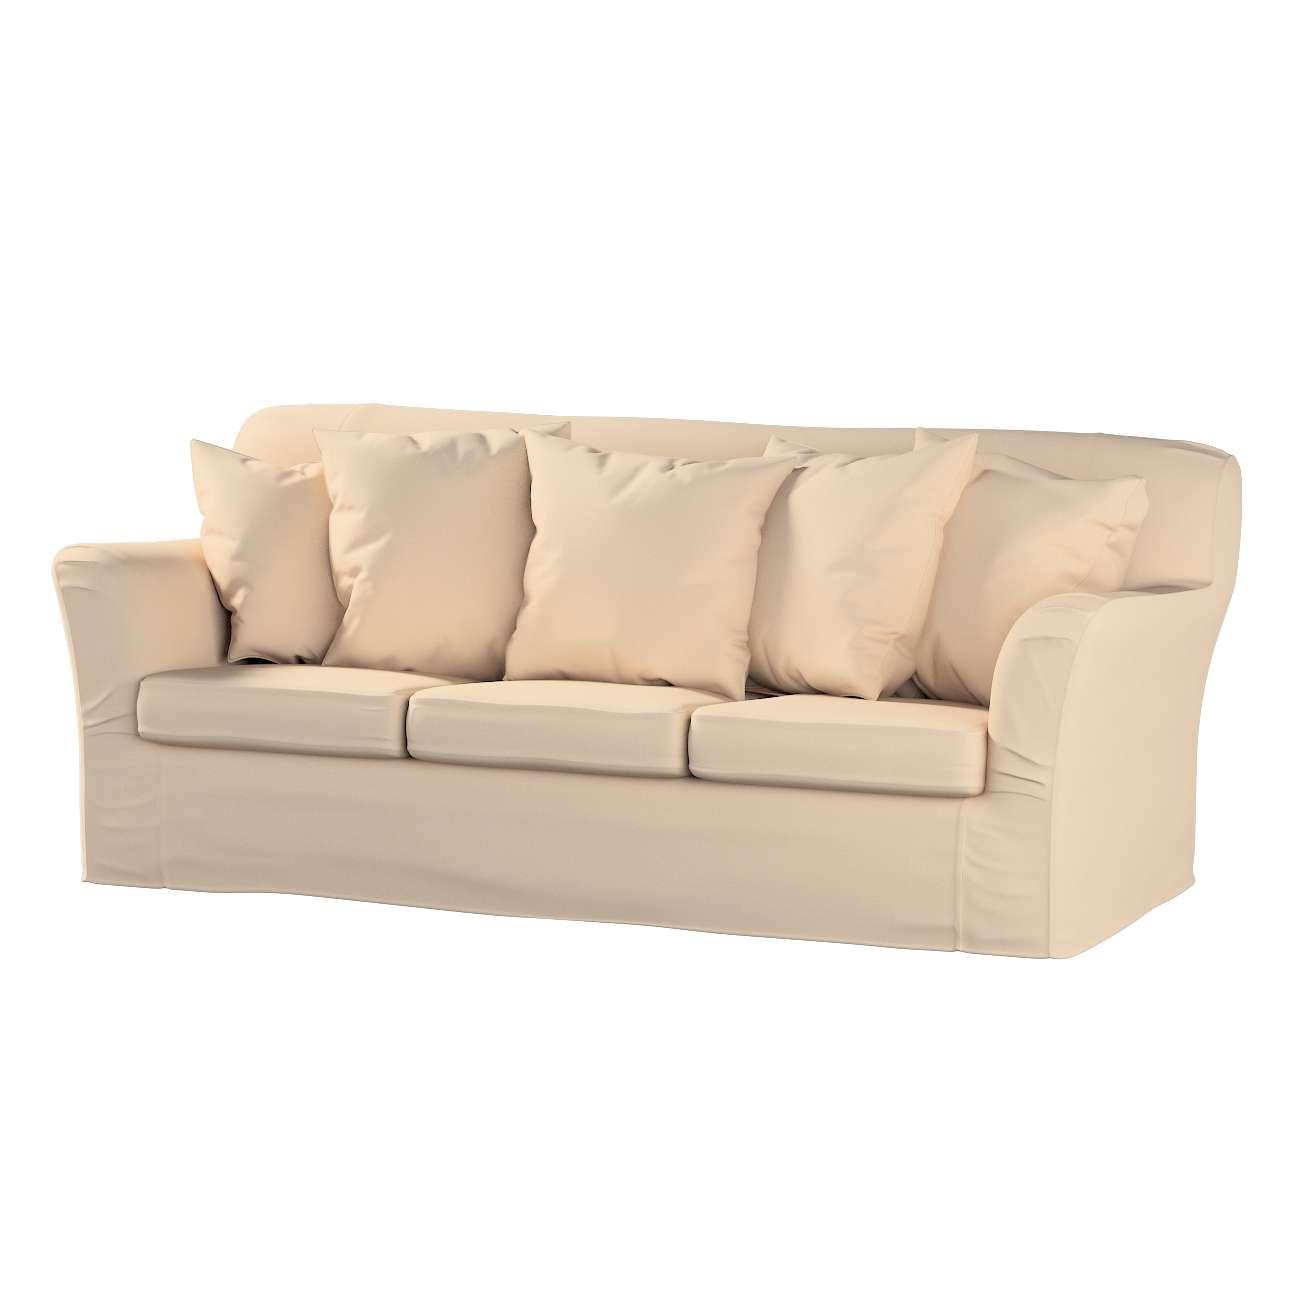 Pokrowiec na sofę Tomelilla 3-osobową nierozkładaną w kolekcji Living, tkanina: 160-61